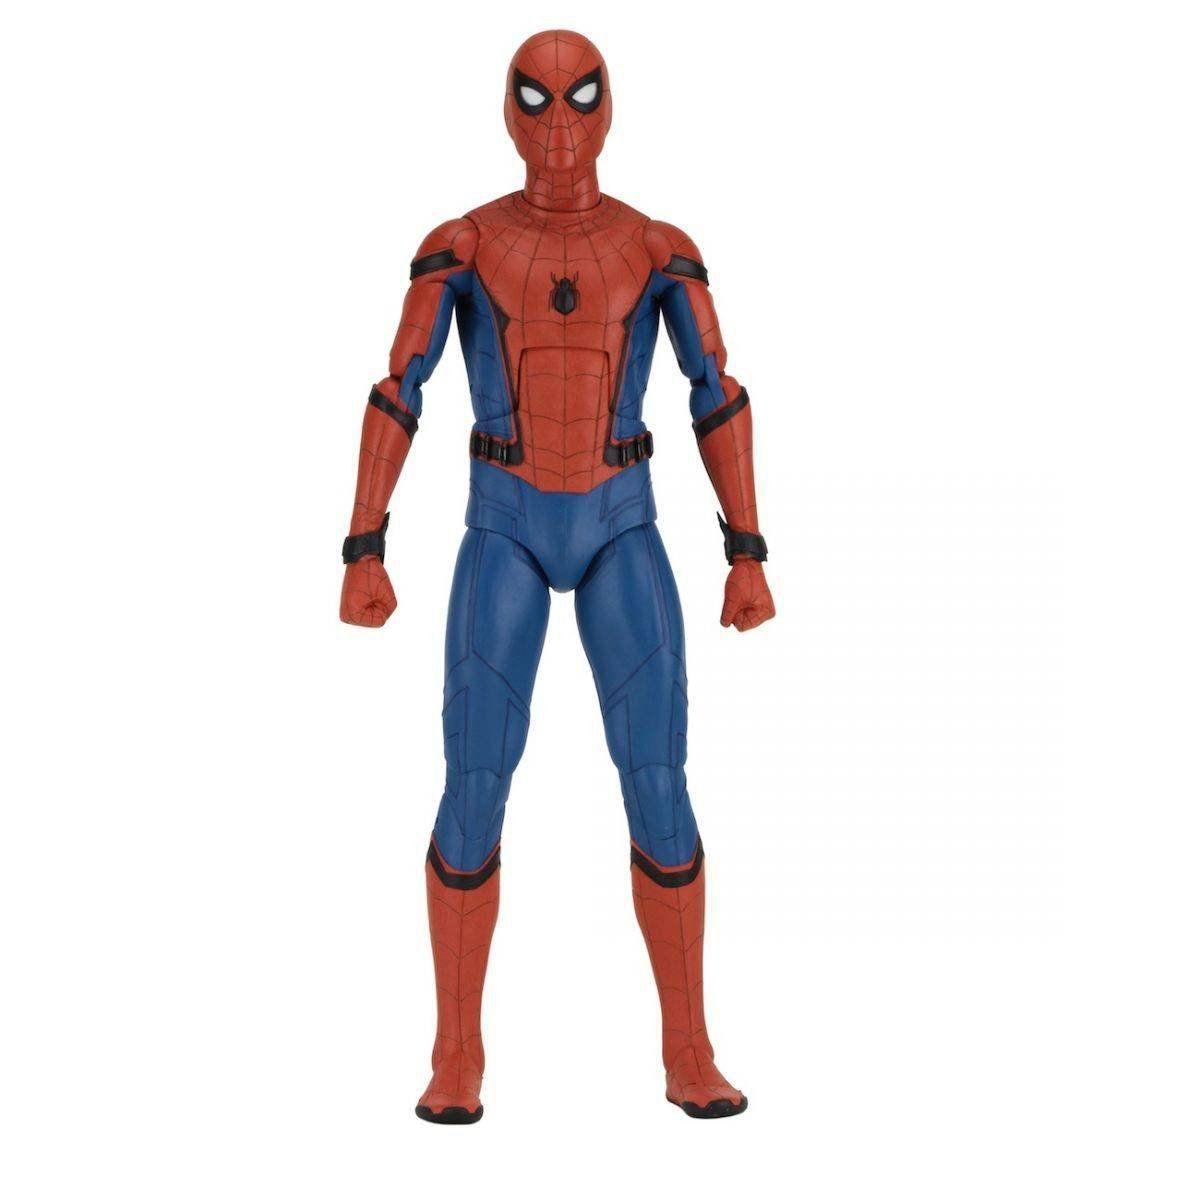 Boneco Homem-Aranha (Spider-Man): Homem-Aranha De Volta ao Lar (Spider-Man Homecoming) Escala 1/4 - NECA